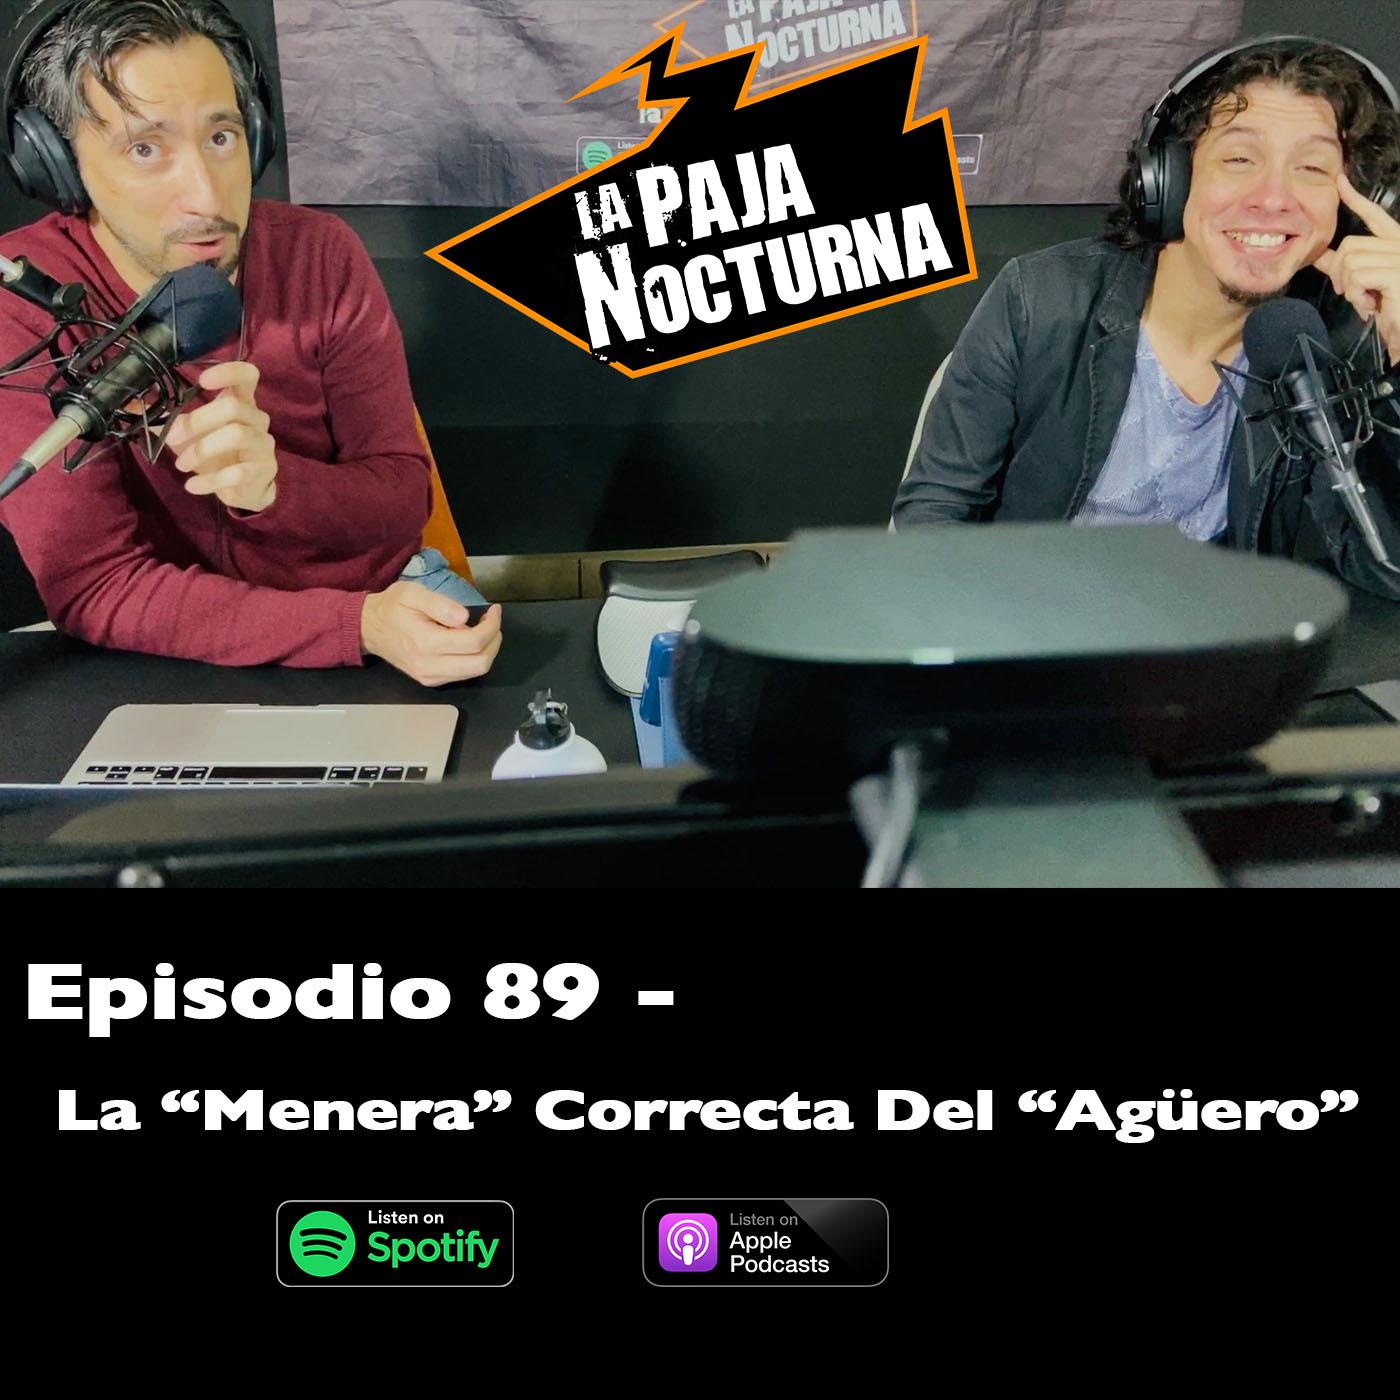 La paja nocturna podcast Episodio 89